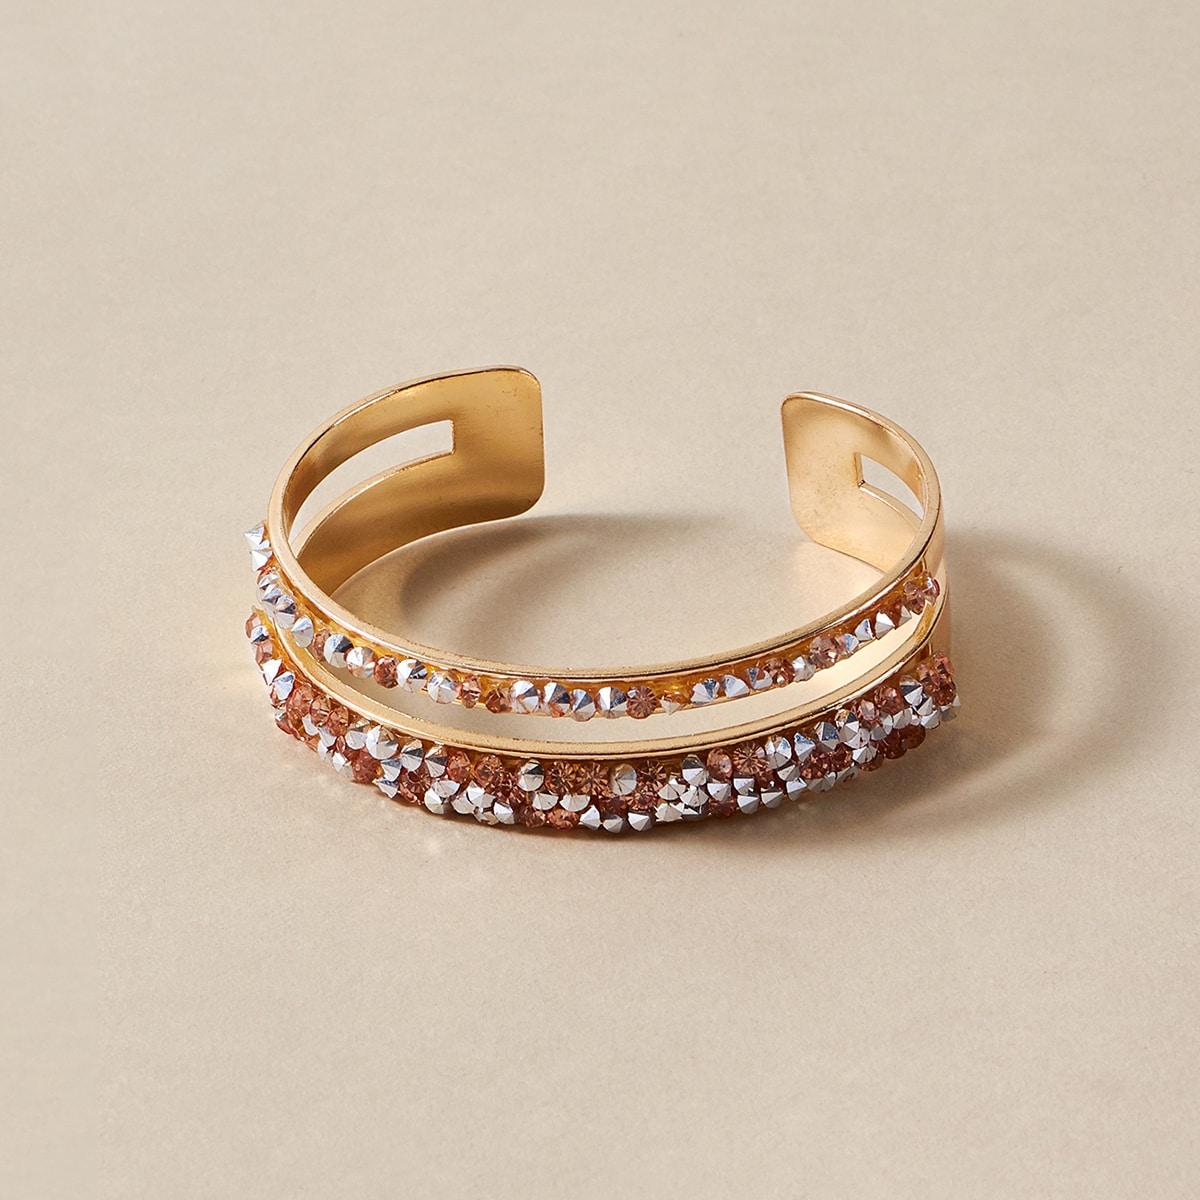 Открытое кольцо со стразами фото